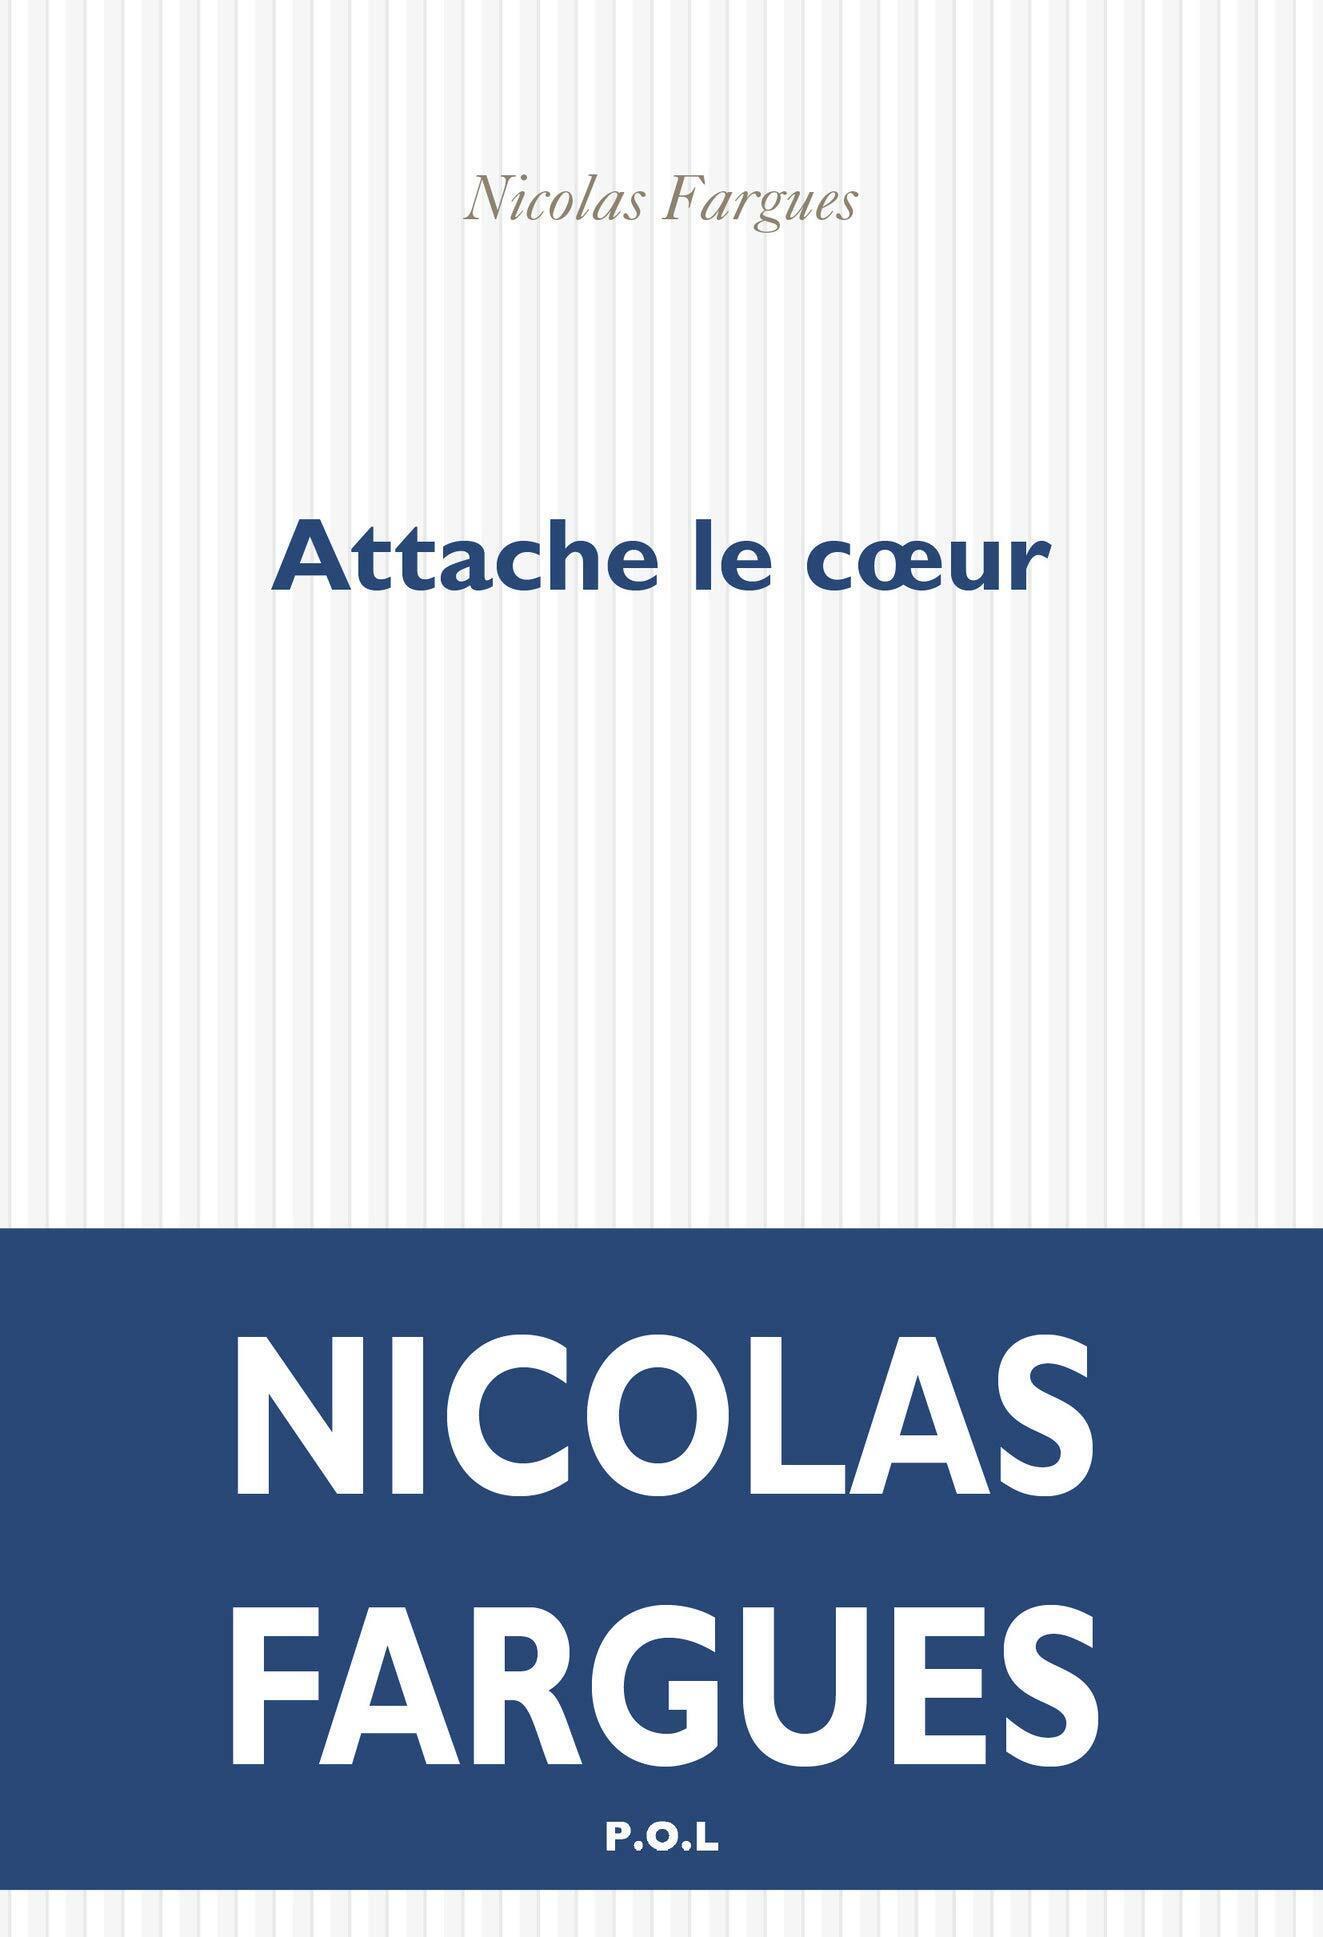 Couverture du recueil de nouvelles de Nicolas Fargues